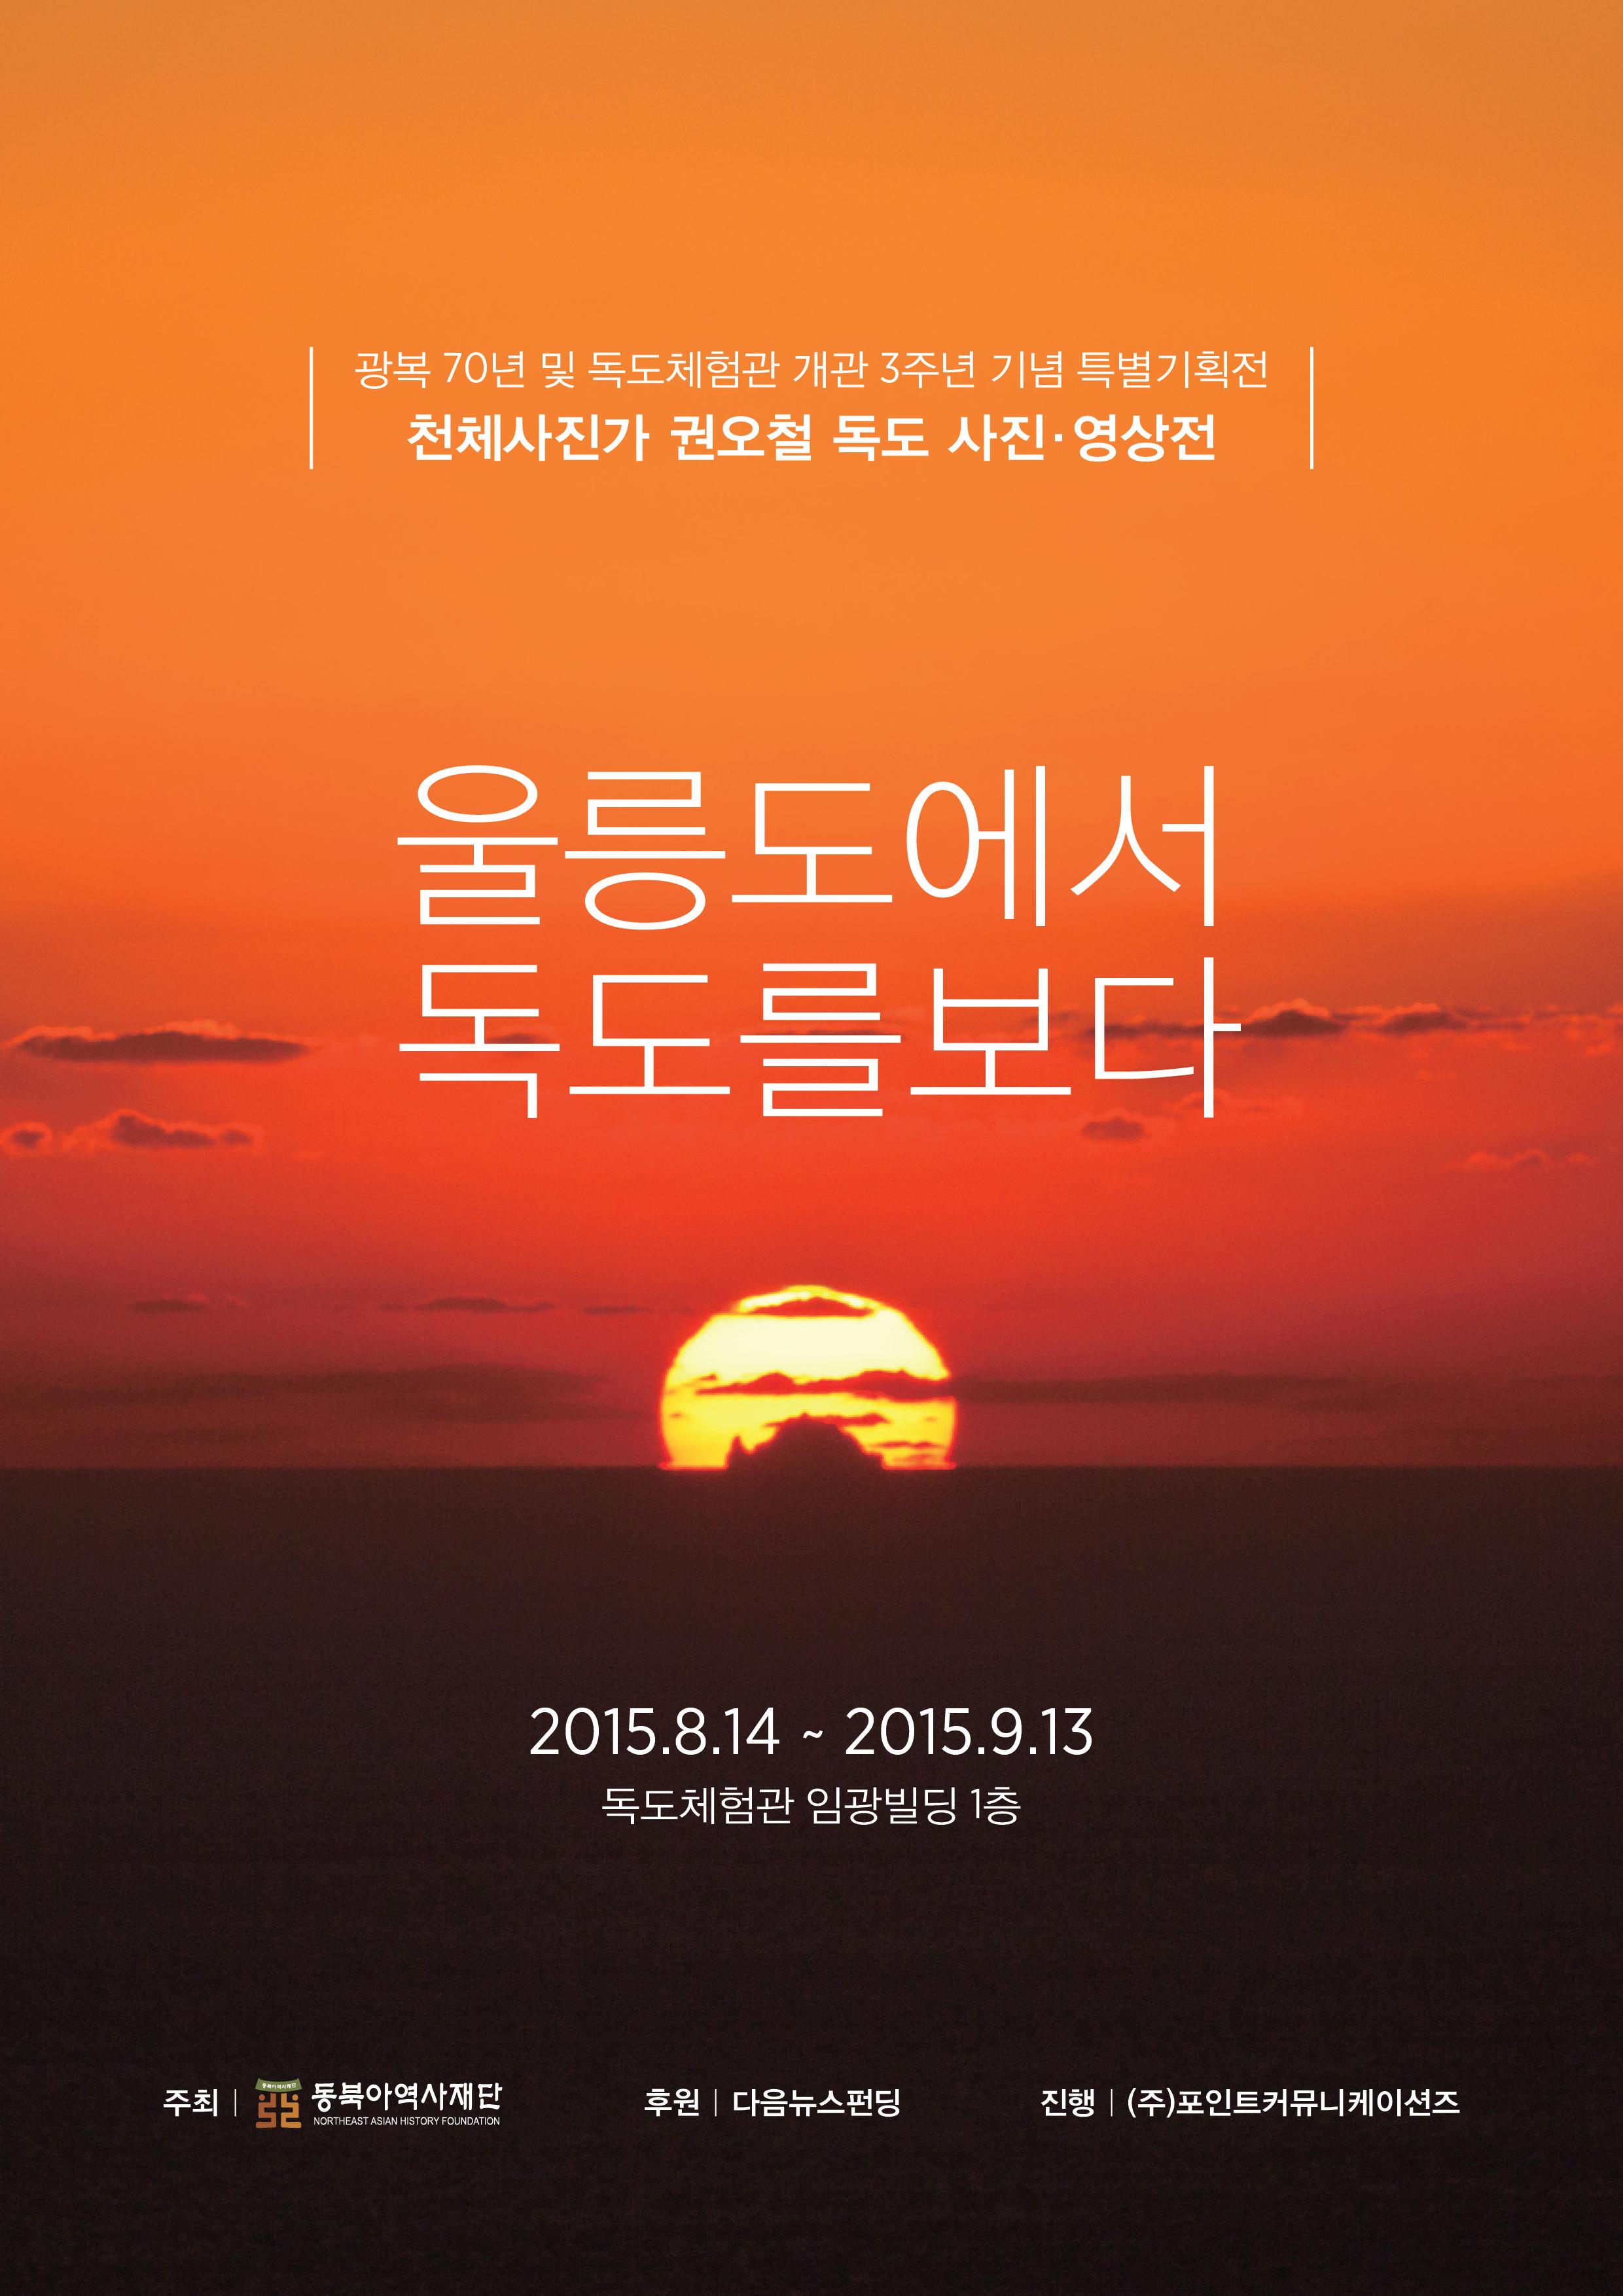 광복70년, 독도체험관 개관 3년 기념 천체사진가 권오철 사진전 개최